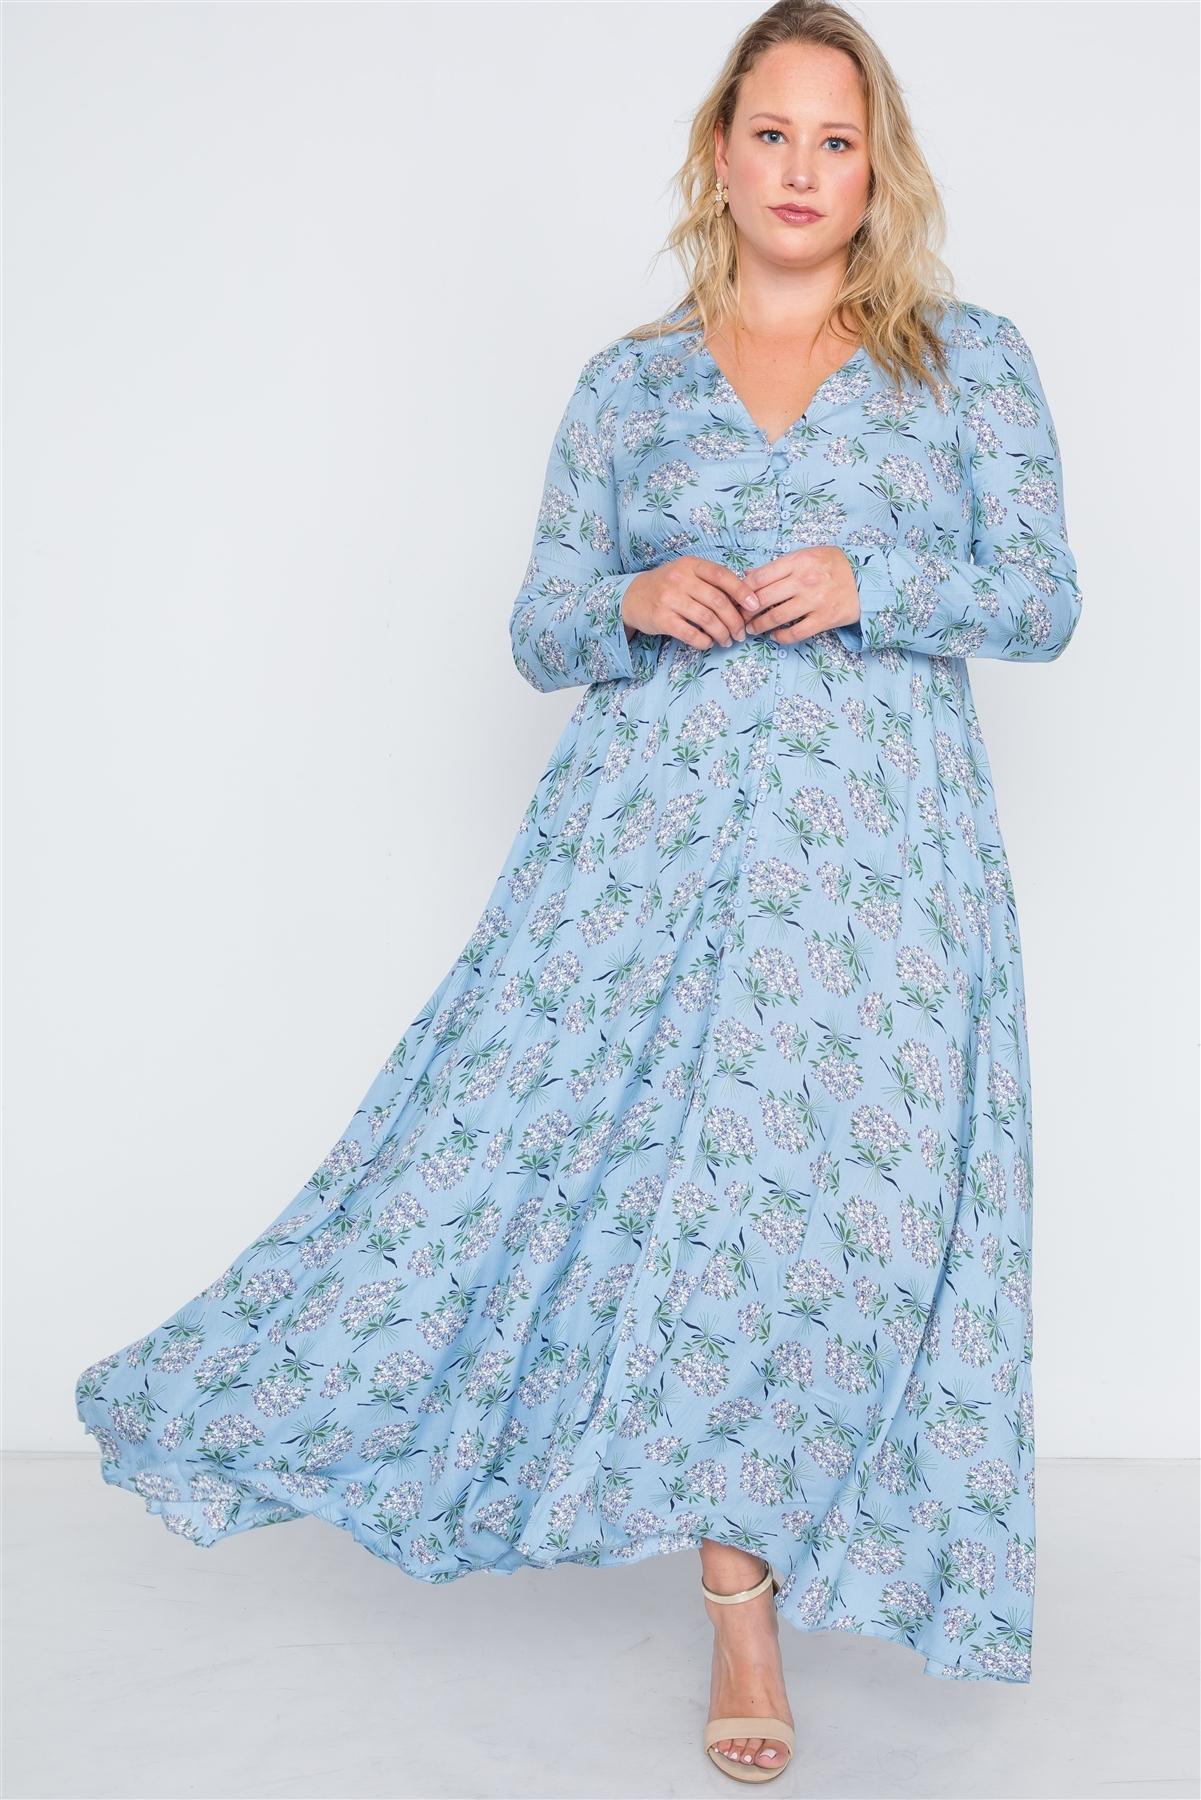 Plus Size Light Blue Floral Button Down Maxi Dress /3-3